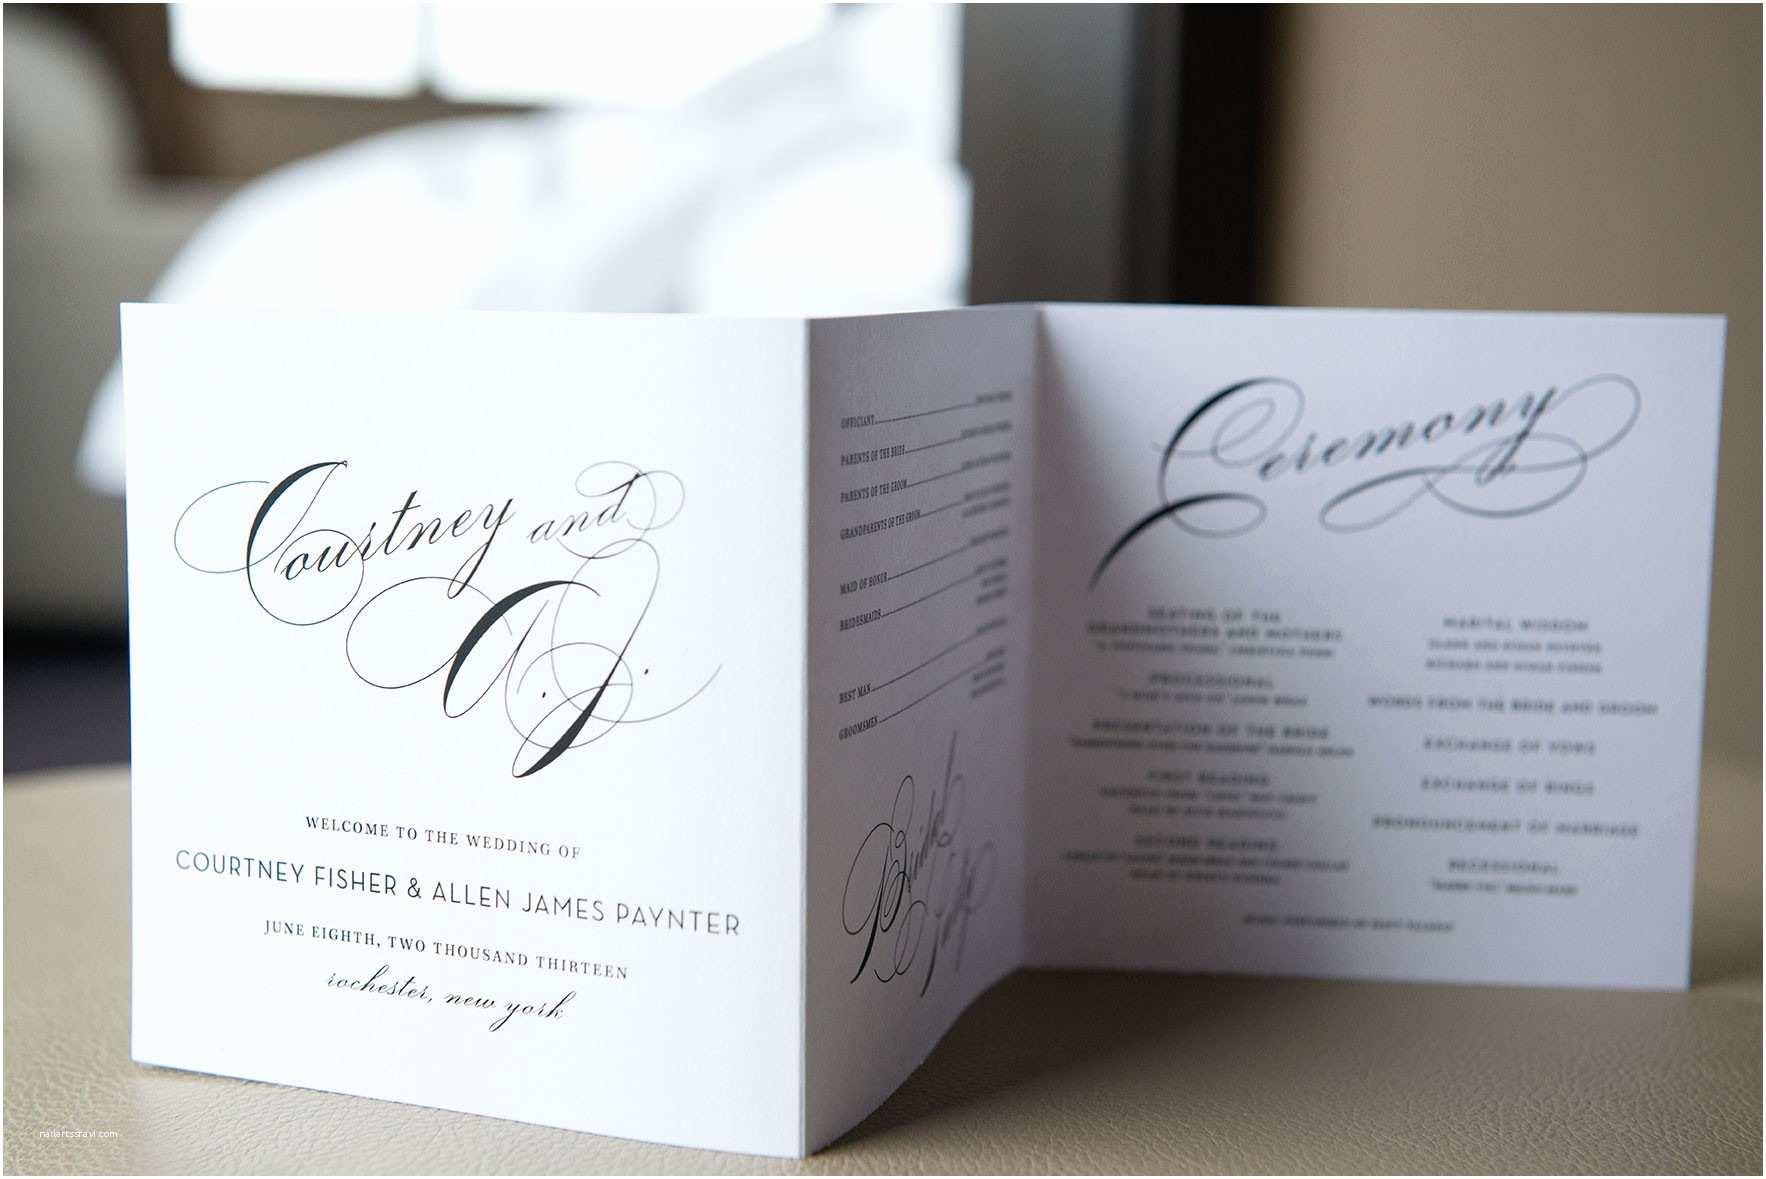 Wedding Invitation Design Images Wedding Invitation Design Luxury Unique Wedding